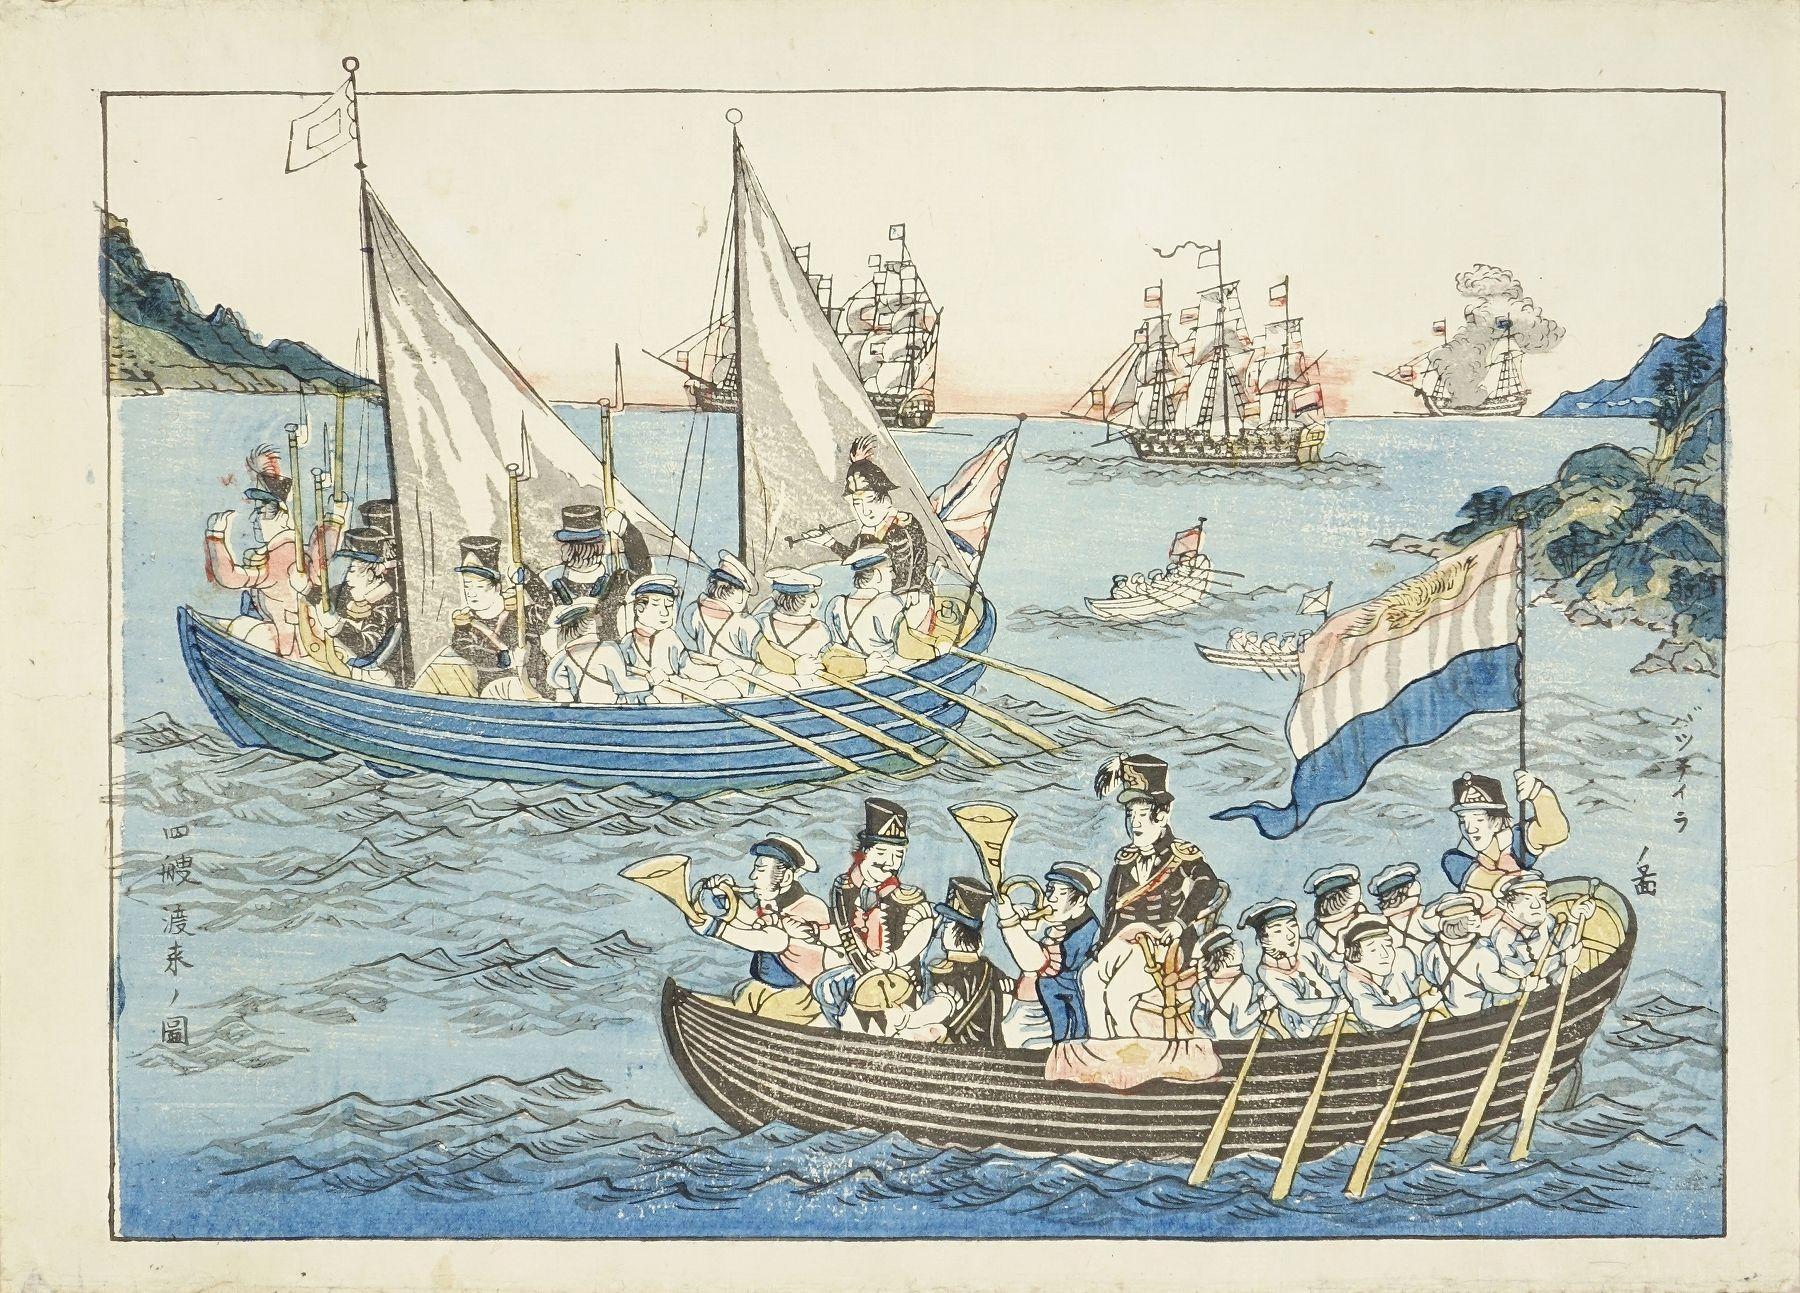 長崎版画 バッテイラノ図 四艘渡来の図